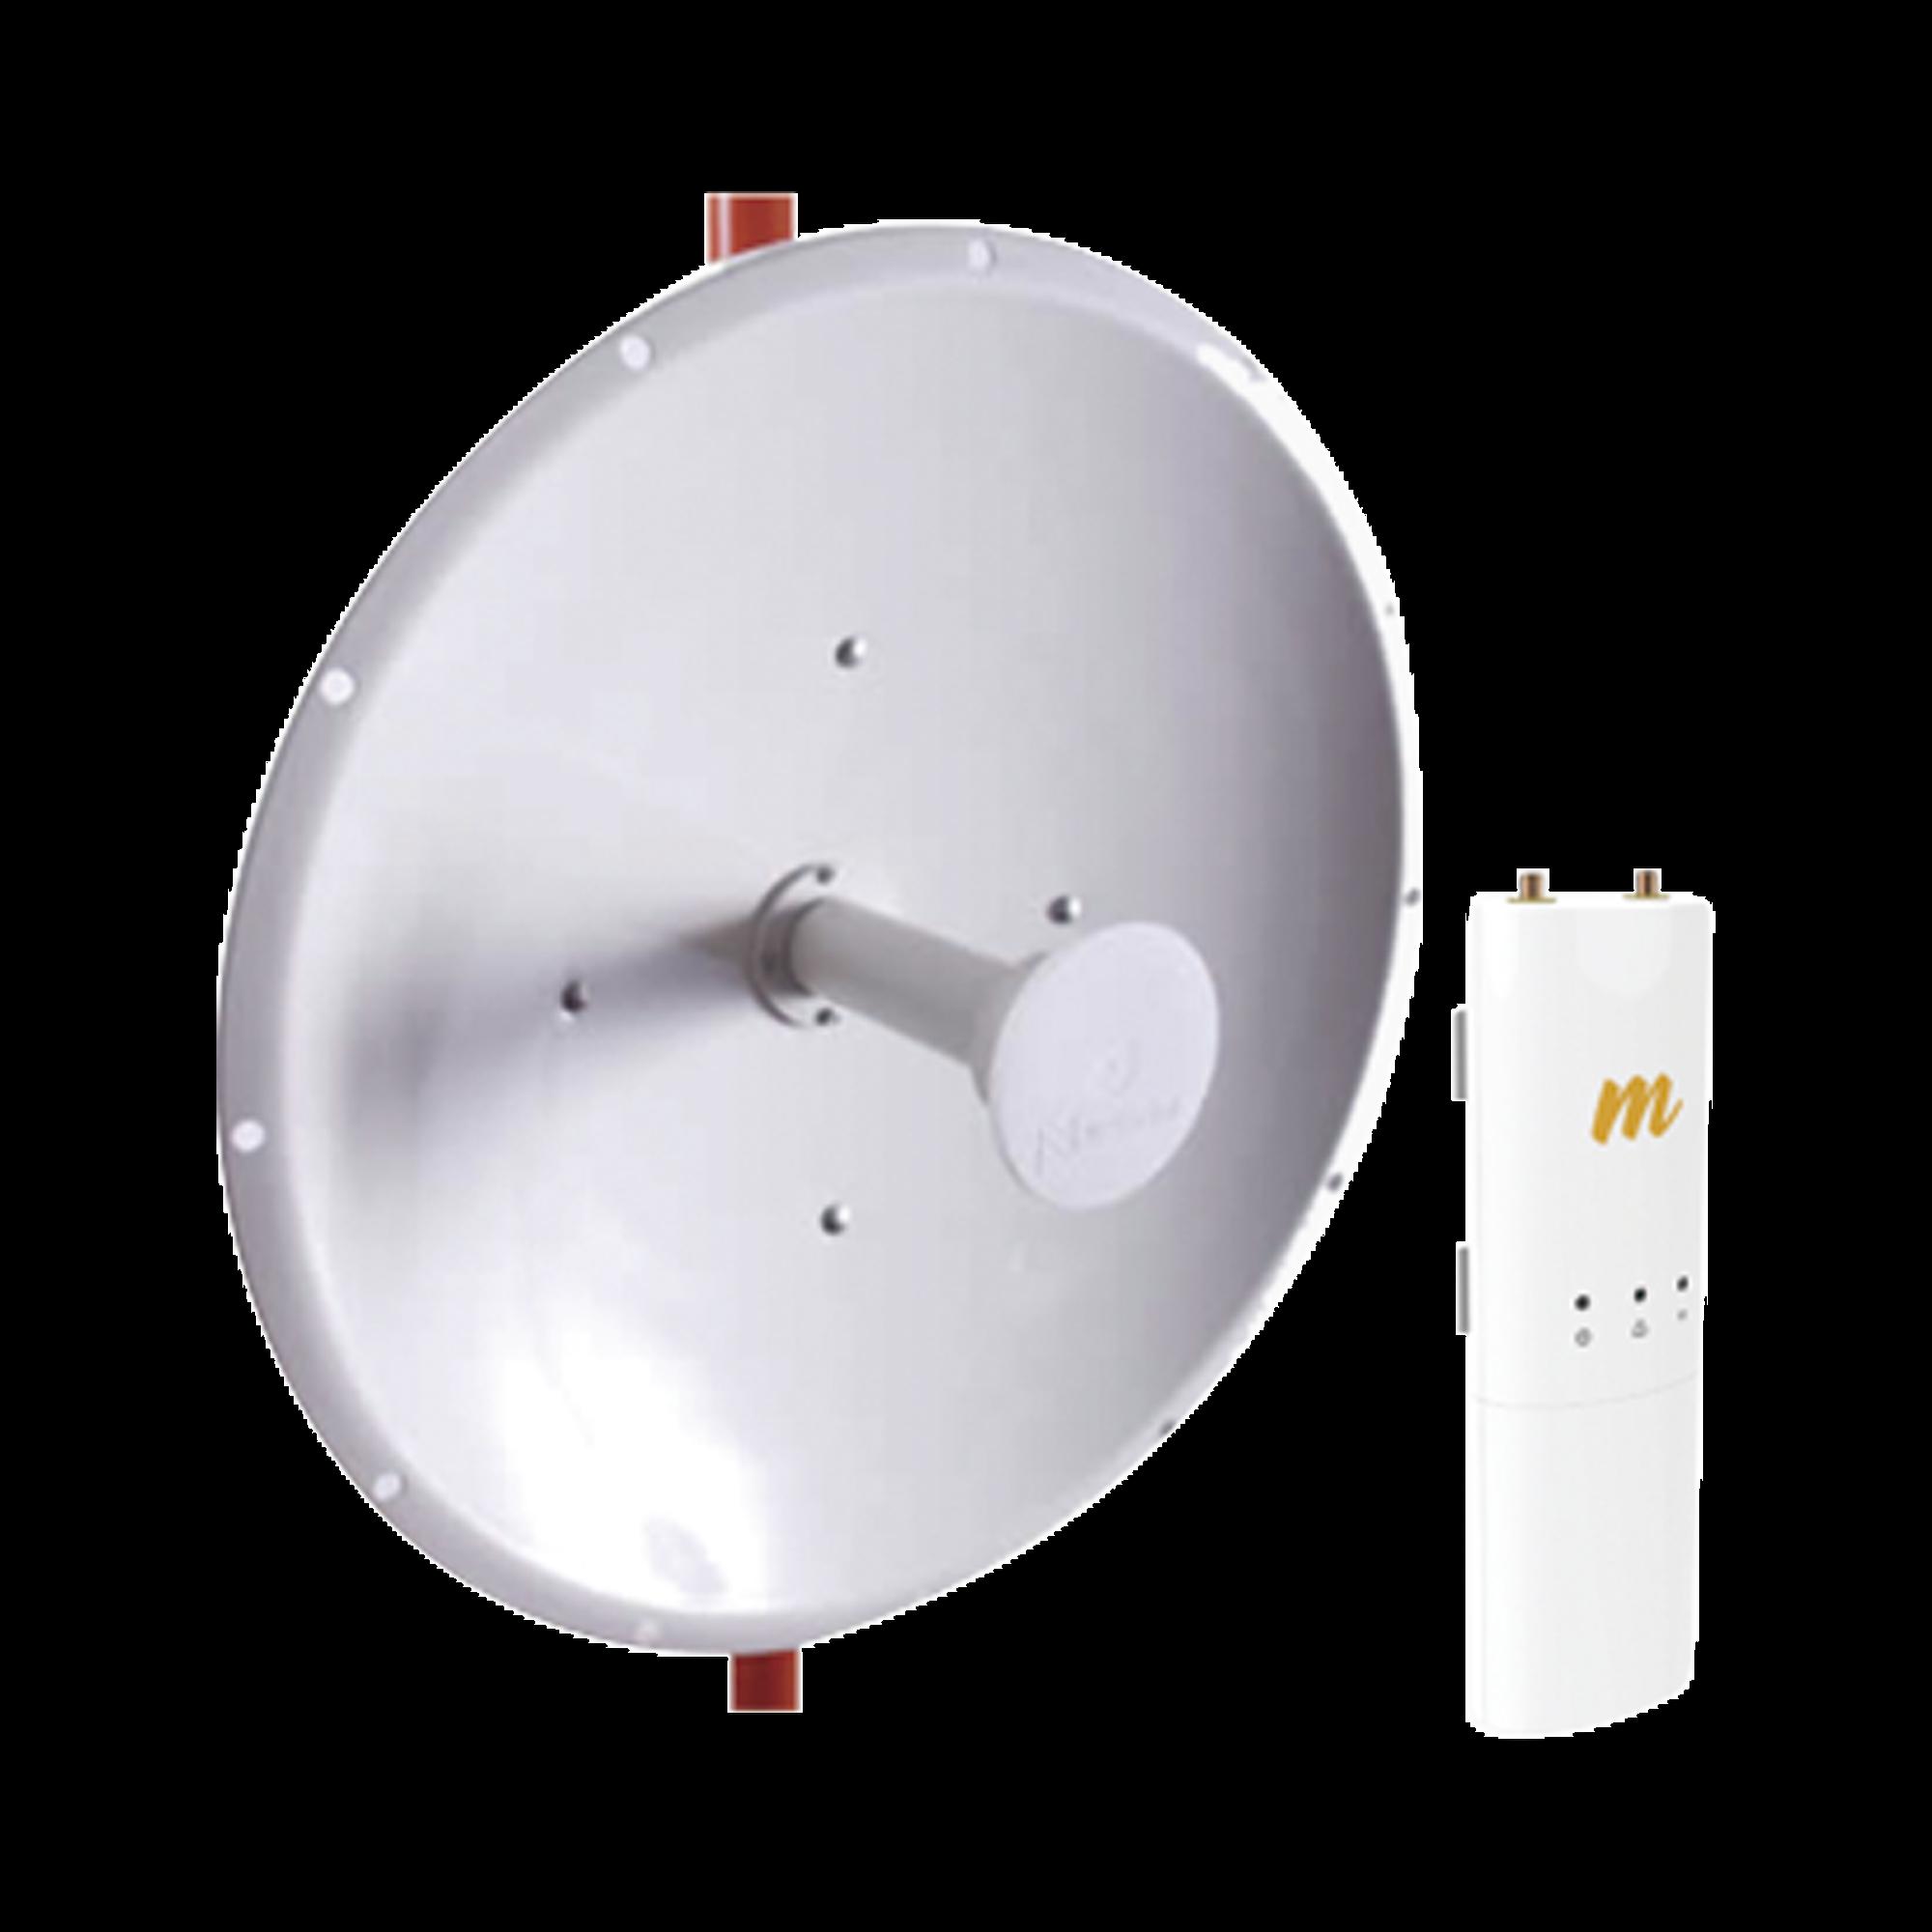 Kit de radio C5C-L con Antena de 37 dBi, Frecuencia (4.9-6.5 GHz), ideal para distancia de hasta 100 km.